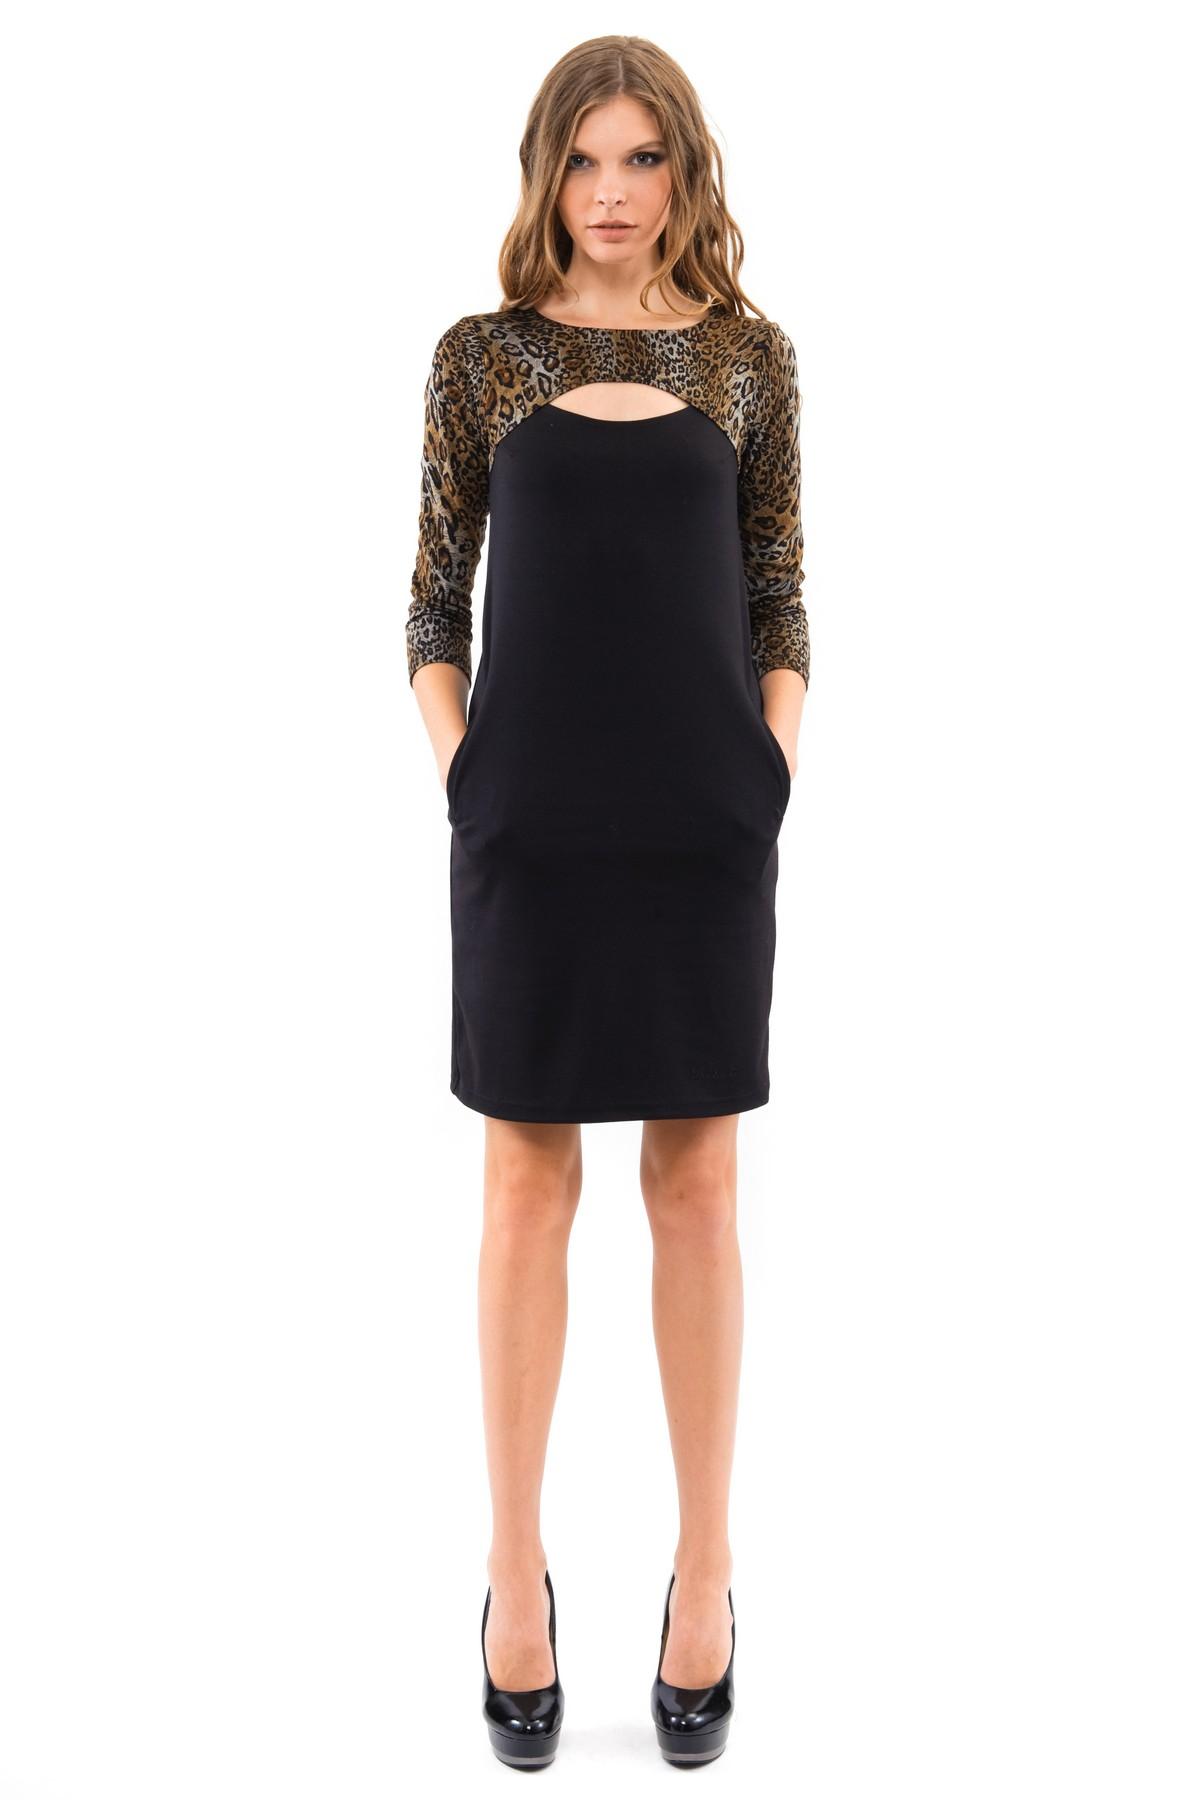 ПлатьеПлатья,  сарафаны<br>Платье свободного покроя с рукавами 3/4  и красивым вырезом в области декольте. Выполнено из высококачественного трикотажа. Отличный вариант для создания повседневного стильного образа.<br><br>Цвет: леопардовый,черный<br>Состав: 60%вискоза, 35%полиэстер, 5%лайкра<br>Размер: 40,42,44,46,48,50,52,54,56,58,60<br>Страна дизайна: Россия<br>Страна производства: Россия